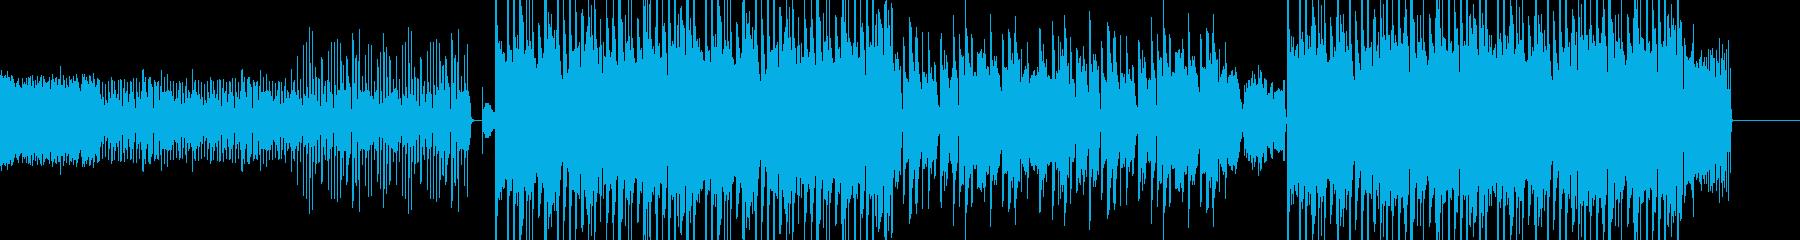 ハロウィンぽいダブステップ エレクトロの再生済みの波形